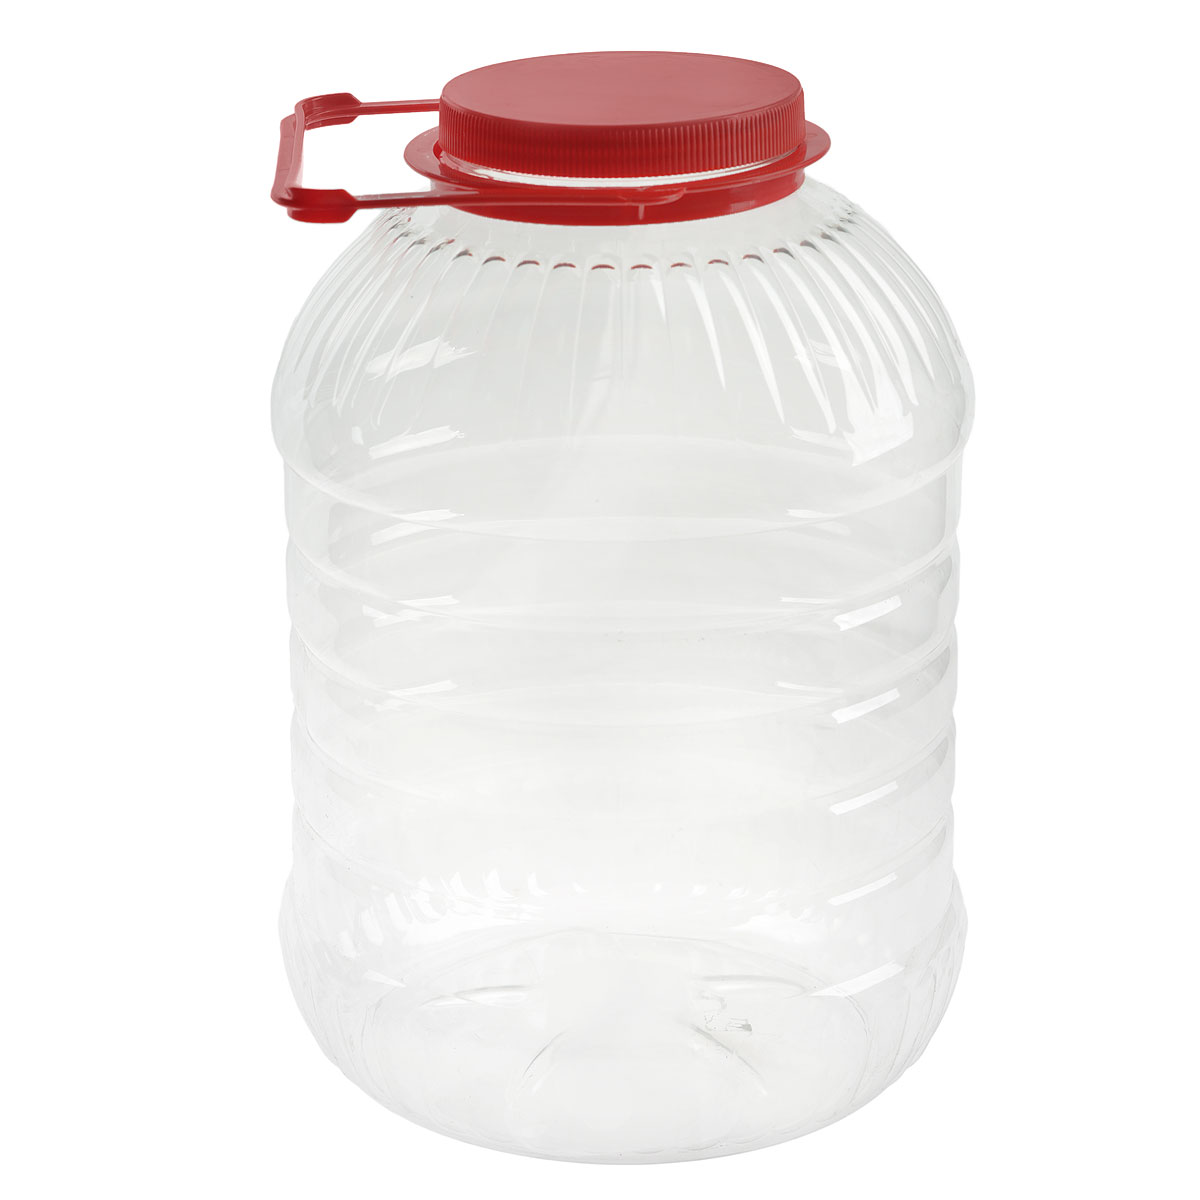 """Банка """"Альтернатива"""" предназначена для хранения сыпучих продуктов или жидкостей. Выполнена из высококачественного пластика. Оснащена съемной ручкой для удобной переноски.Банка """"Альтернатива"""" станет незаменимым помощником на вашей кухне."""